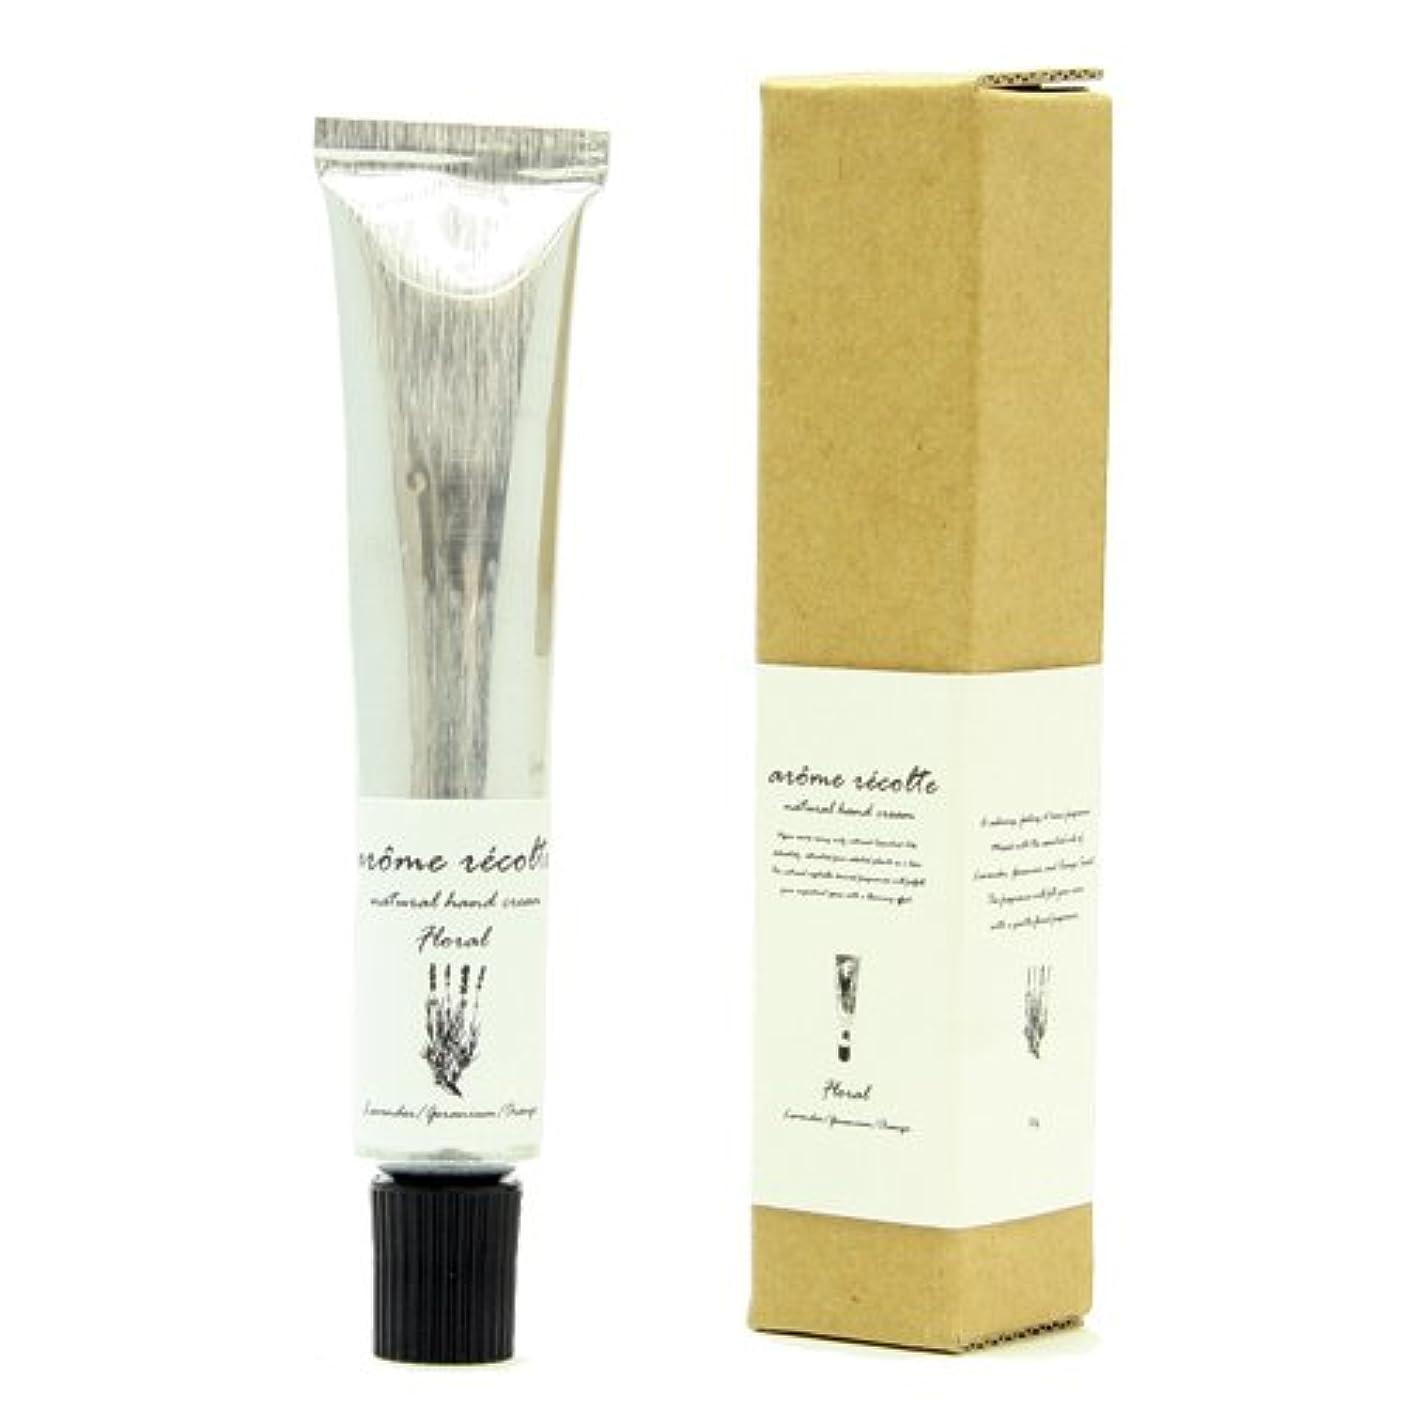 返済激怒ブラインドアロマレコルト ナチュラル ハンドクリーム 30g フローラル Floral arome recolte hand cream